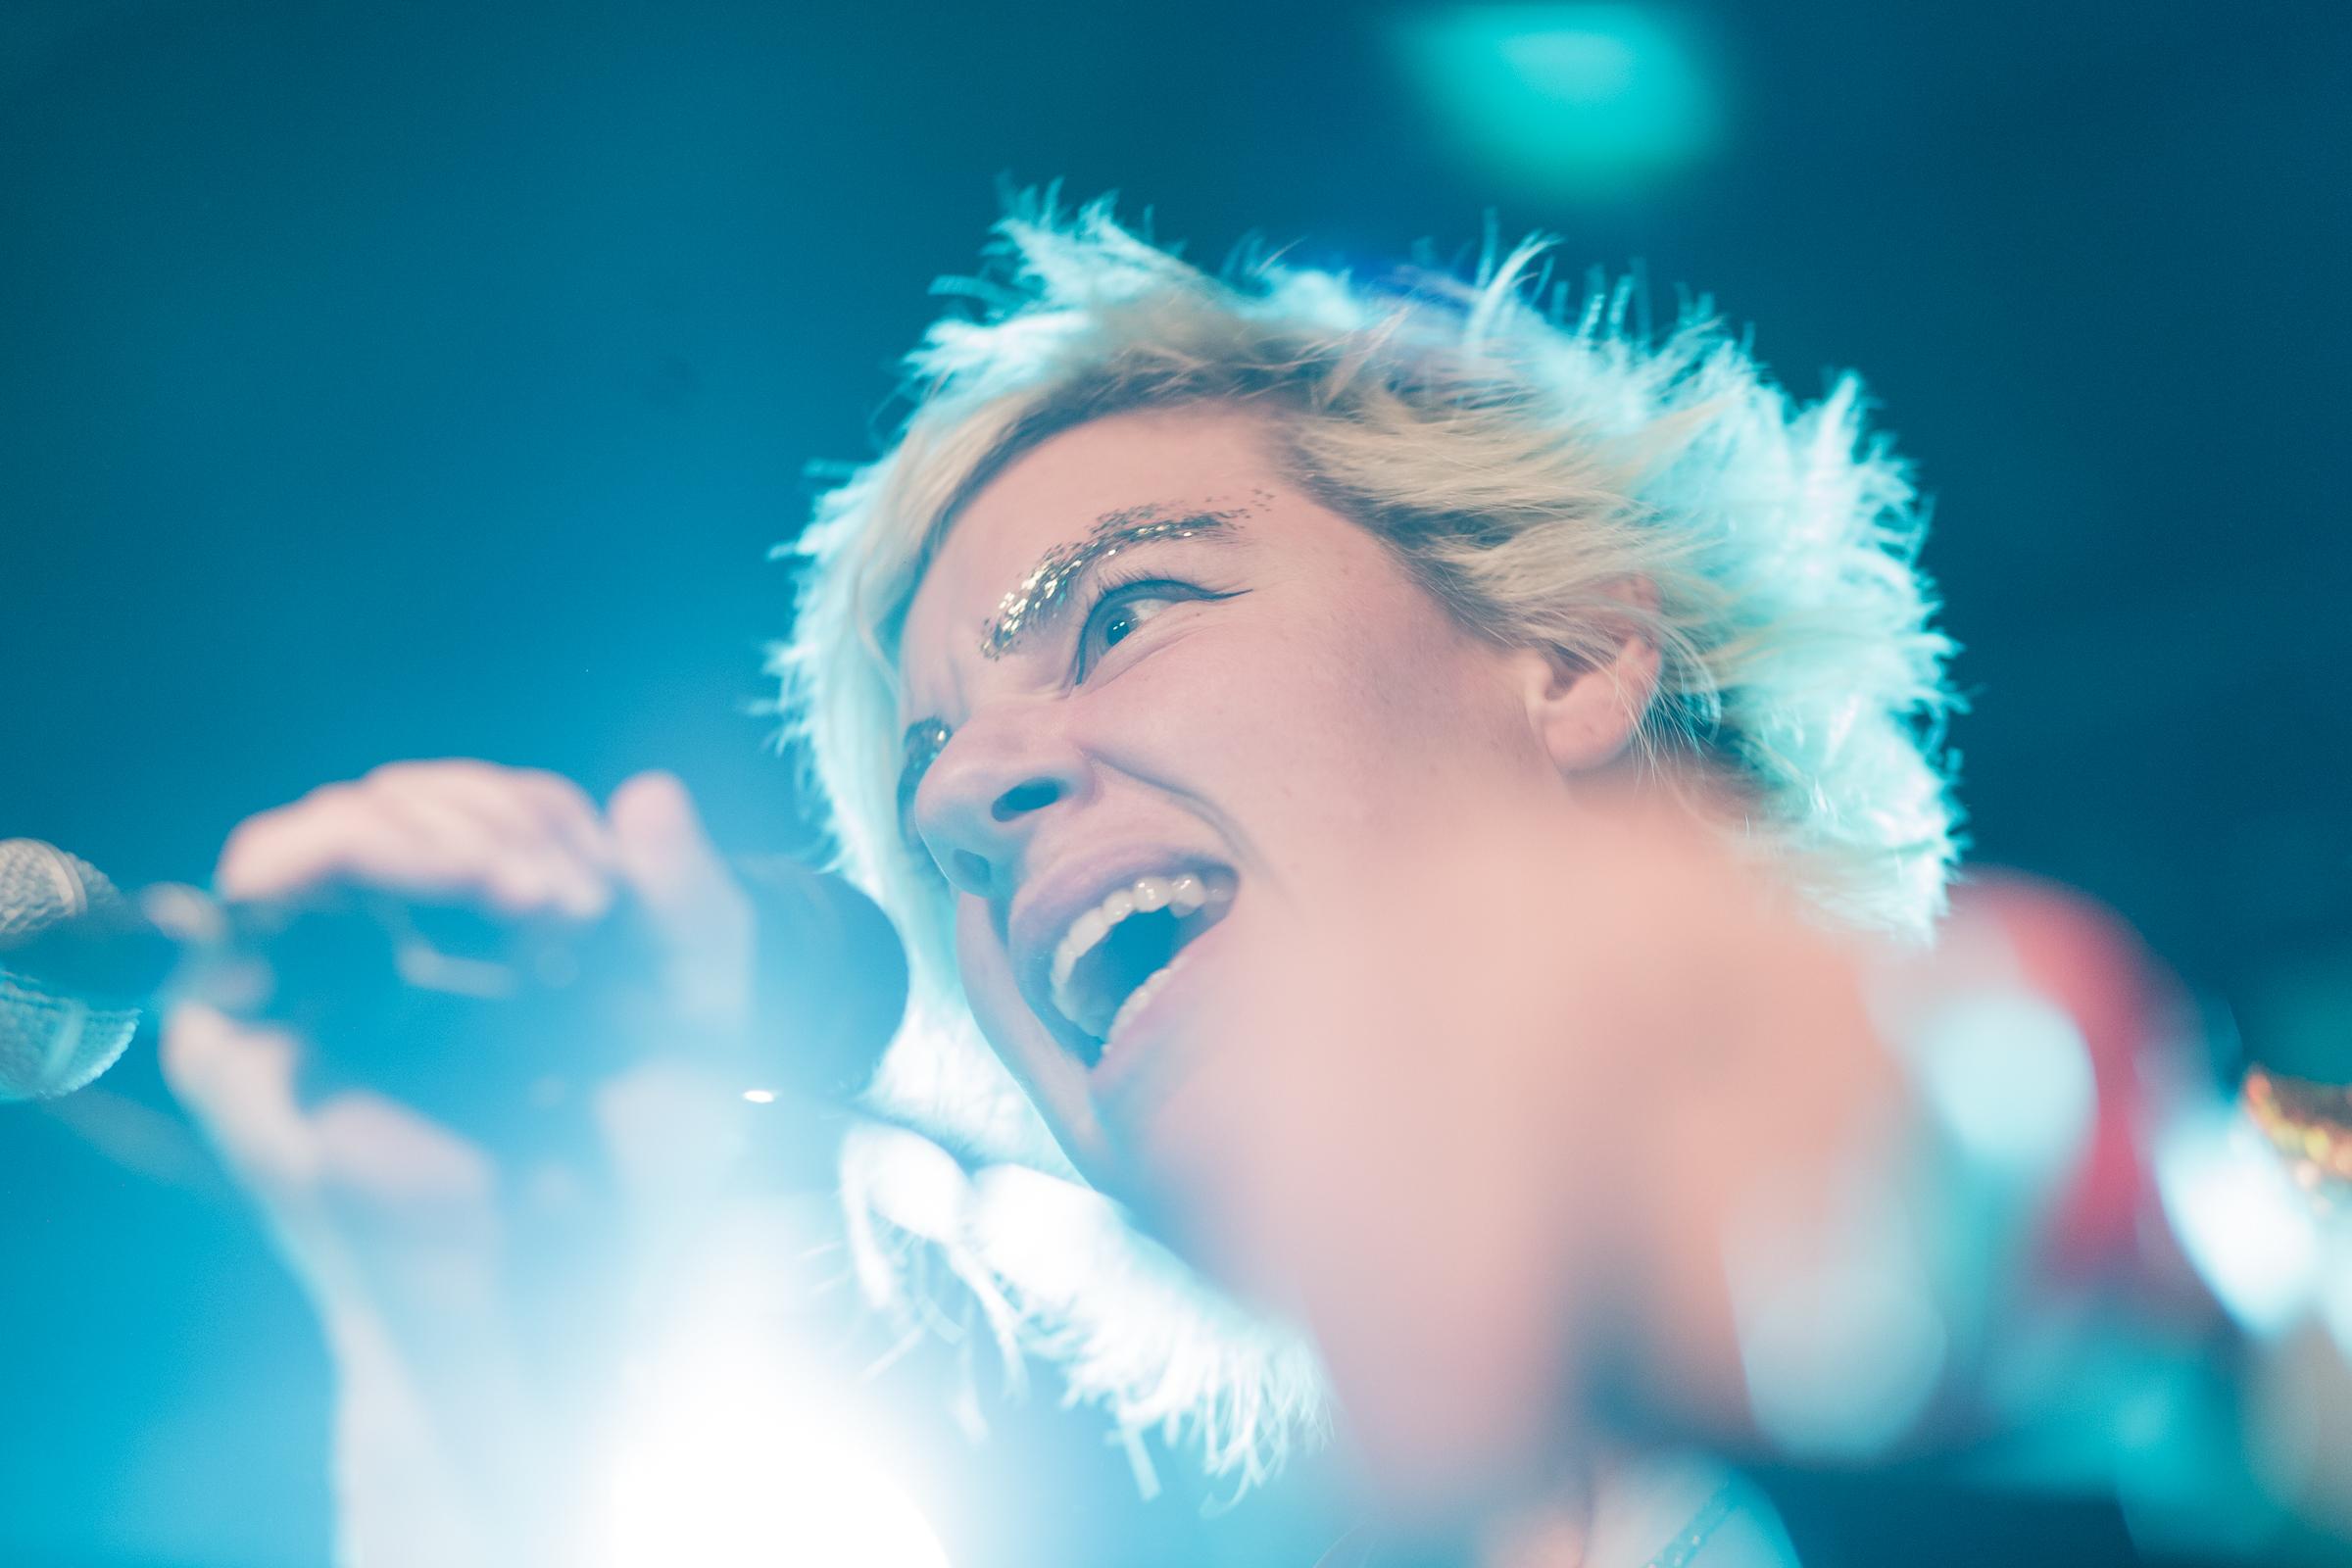 tUnE-yArDs (Photo by Morten Aagaard Krogh)